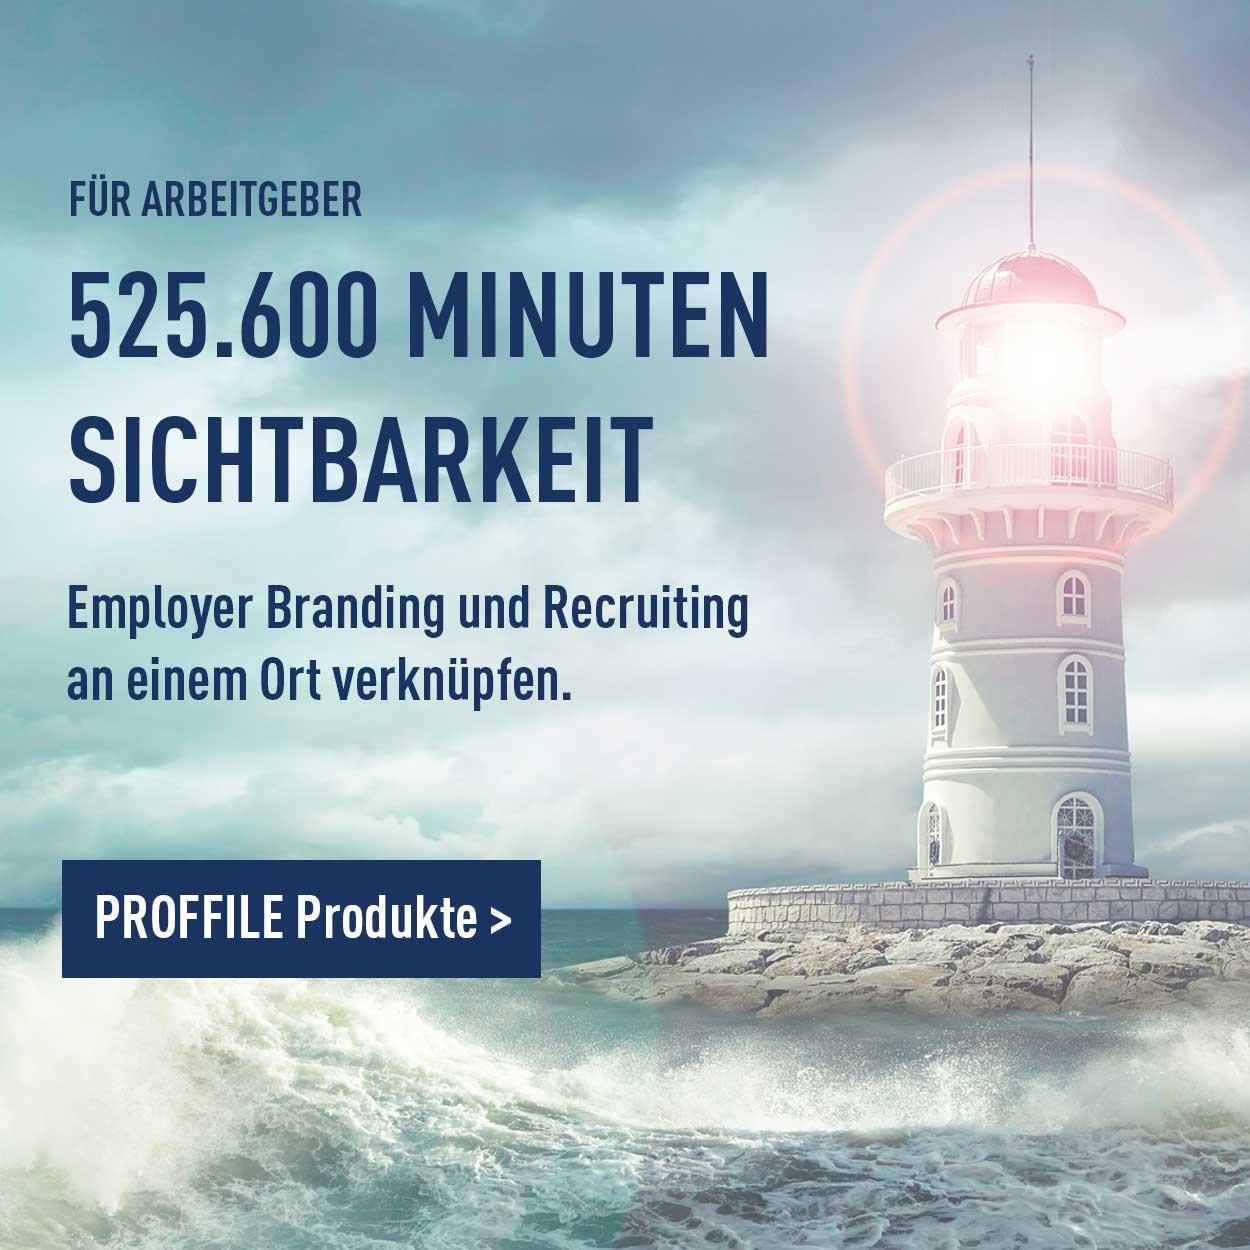 Leuchtturm für mehr sichtbarkeit mit Employer Branding und Recruiting